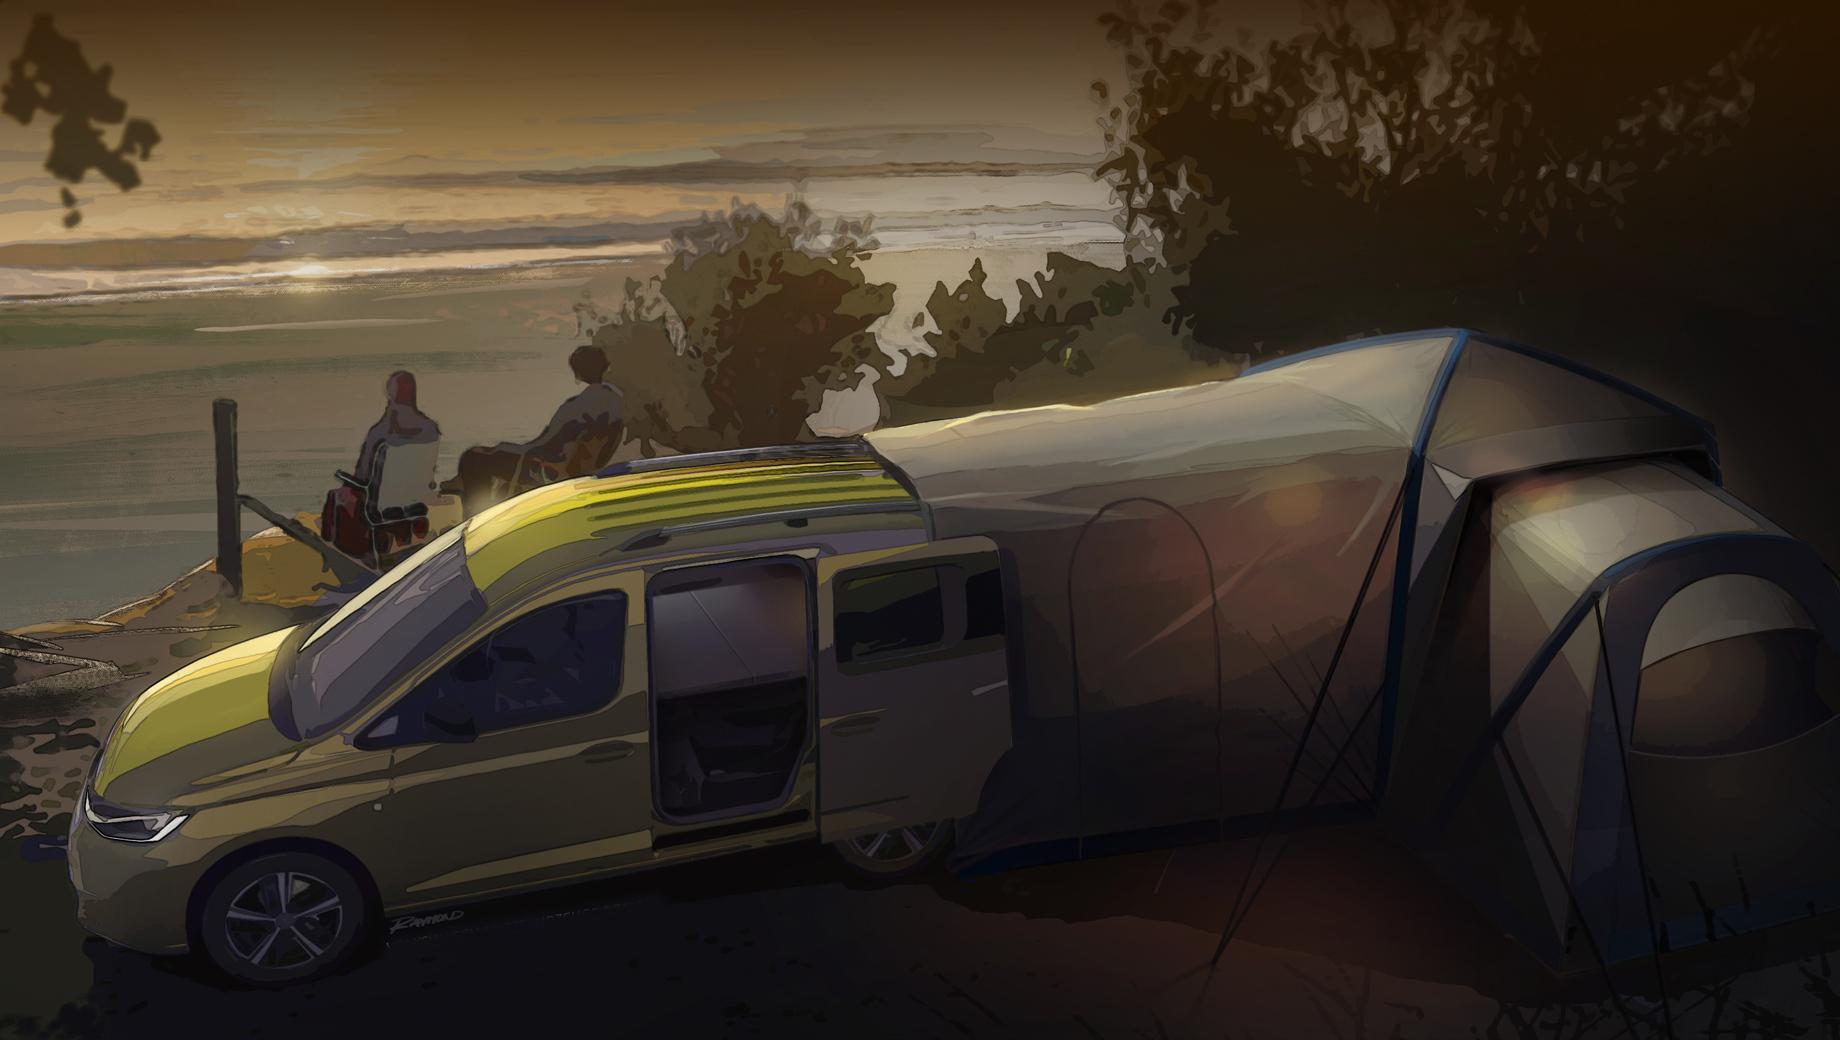 Volkswagen Caddy раскроется в образе кемпера нынешней осенью